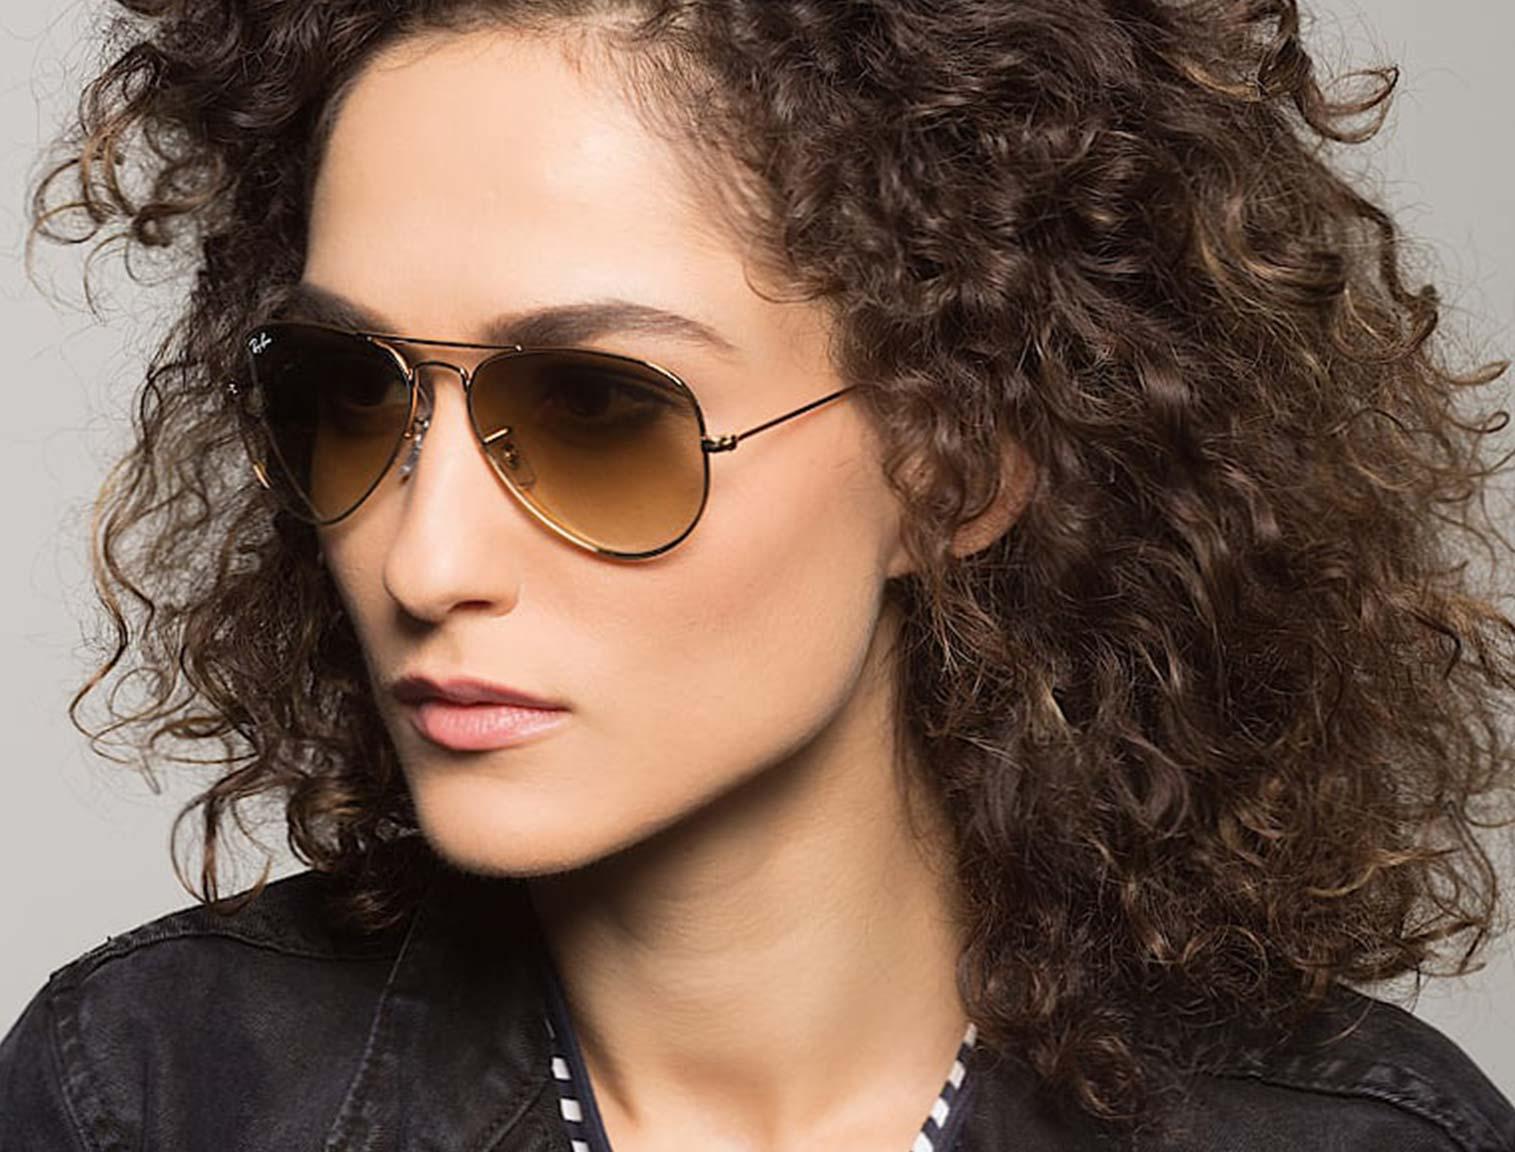 Mujer con gafas de aviador ámbar